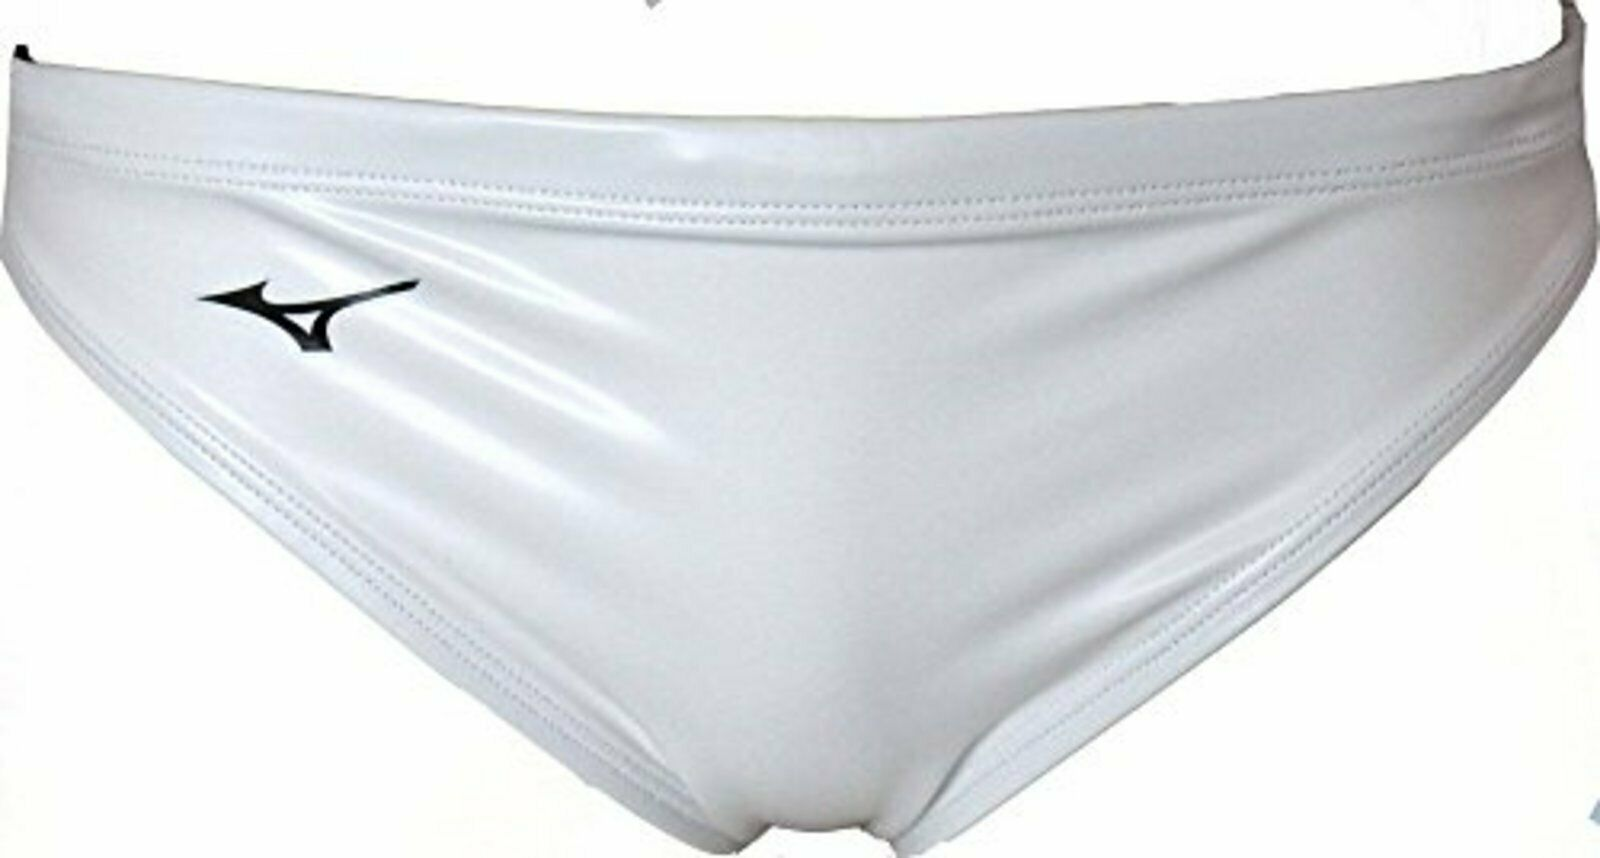 Mizuno Waterpolo Bañador Hombre Calzoncillos N2jq8061 blancoo Talla XL Frontal